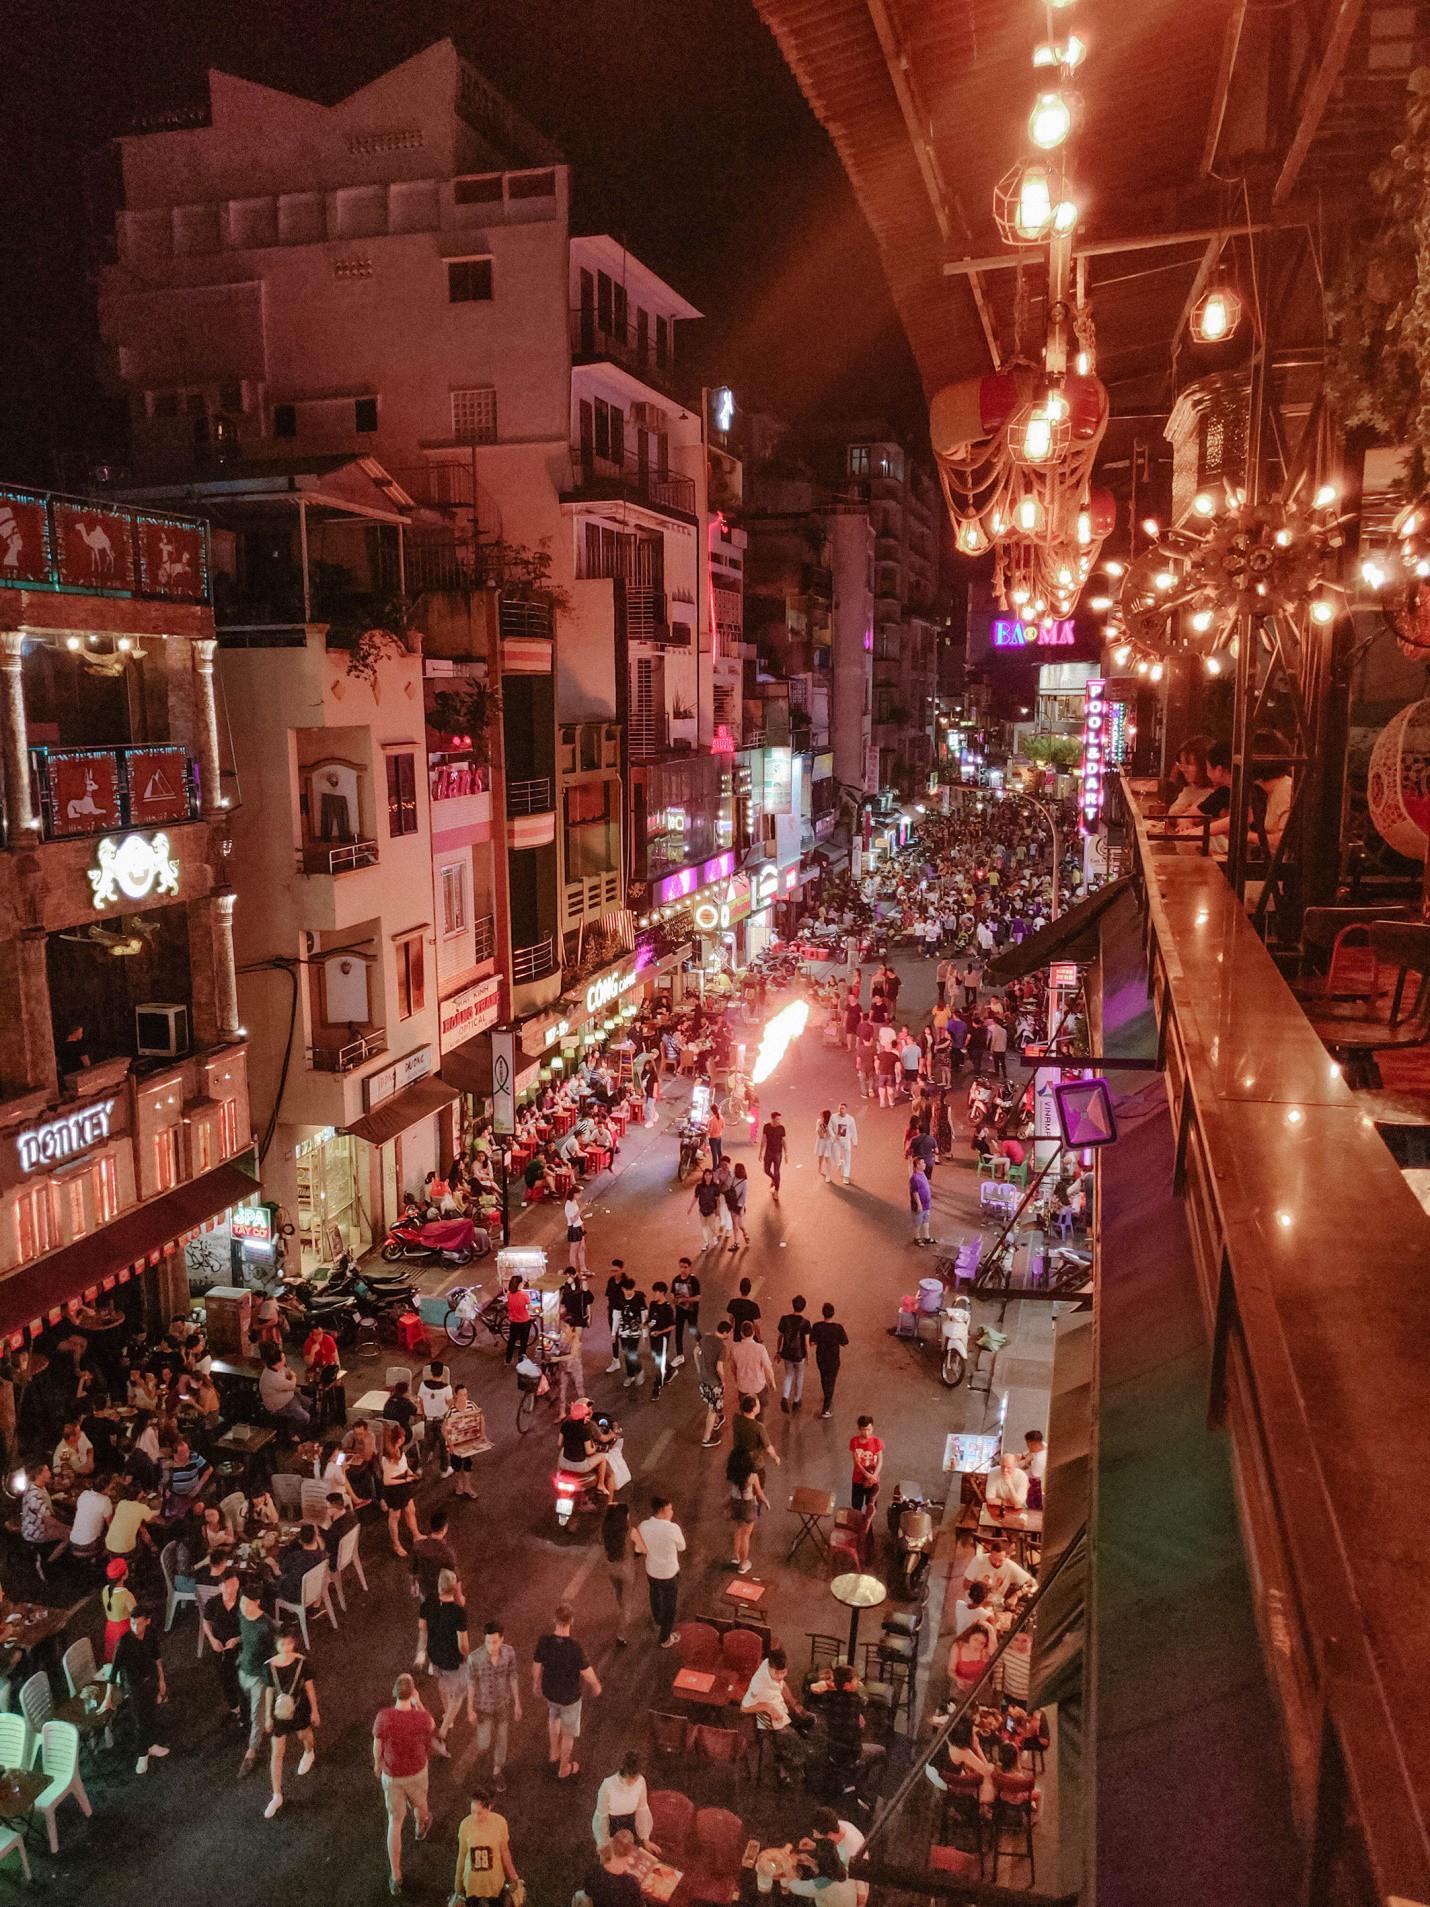 Ấn tượng sắc màu Sài Gòn về đêm qua lăng kính của OPPO R17 PRO - Ảnh 4.